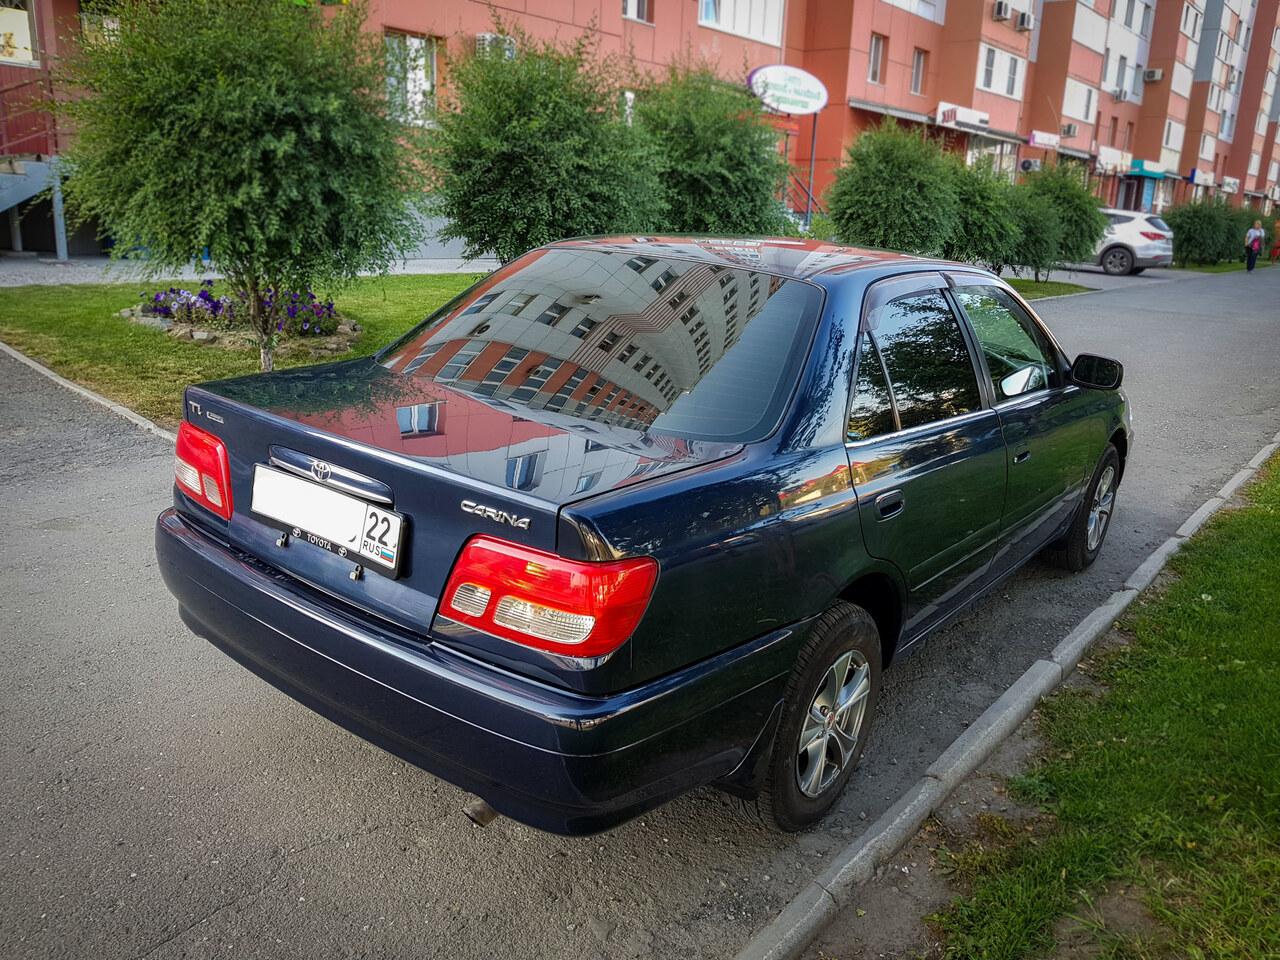 Истории о нескольких перегонах из Приморья в Москву ...